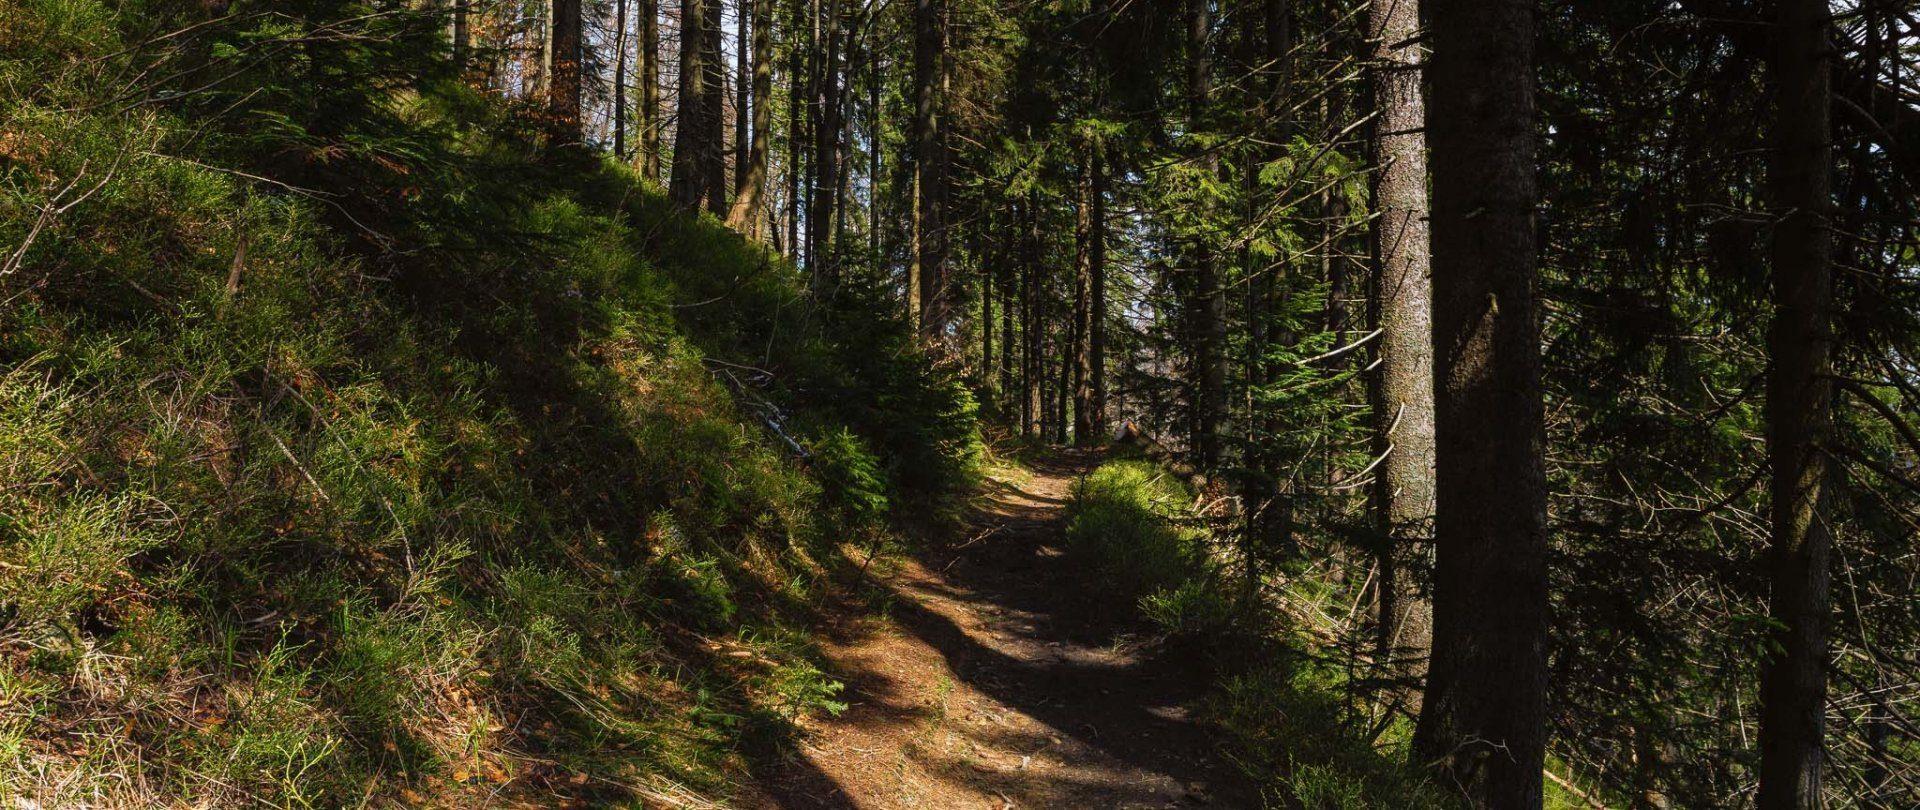 Wełcza Leśniczówka - Wełcza (Kawiarenka lub Dolinka)